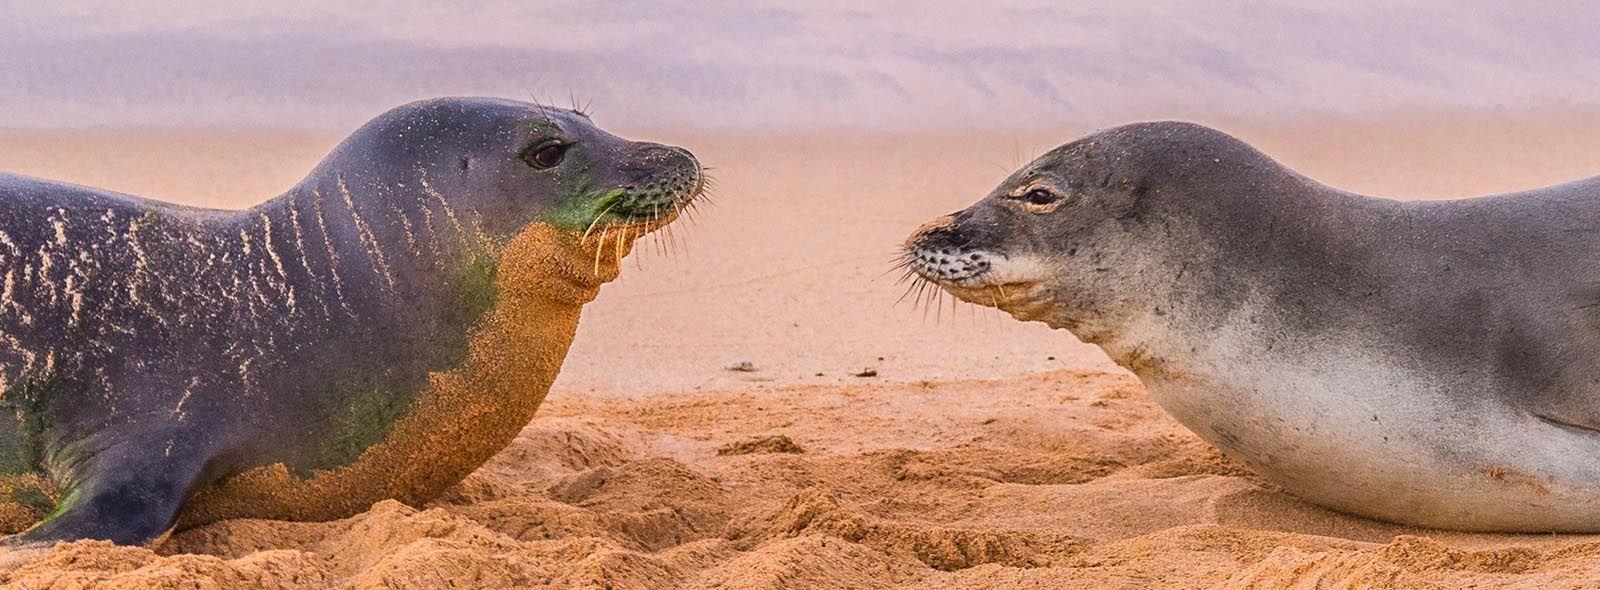 Caratteristiche foca monaca